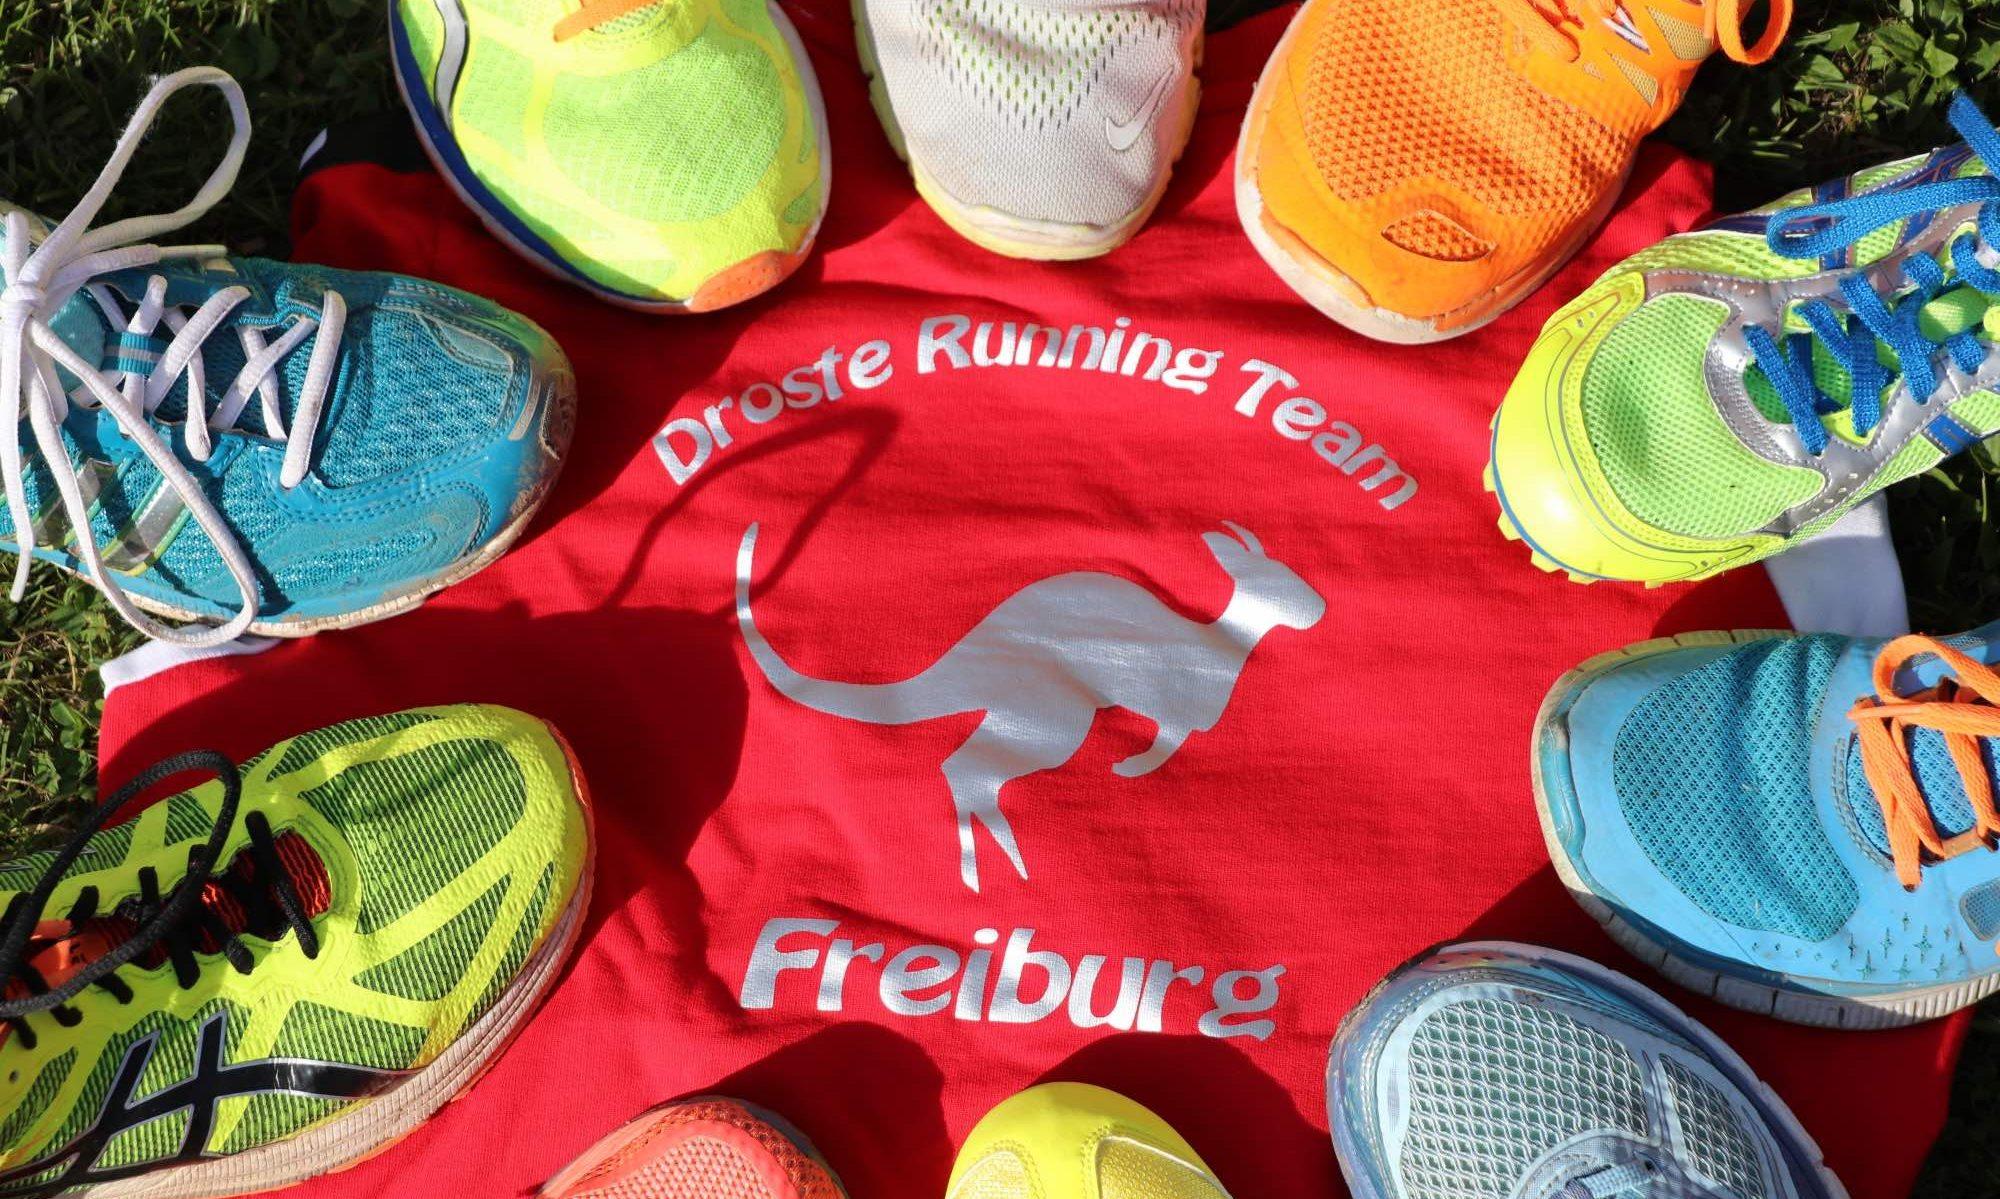 Droste Running Team Freiburg